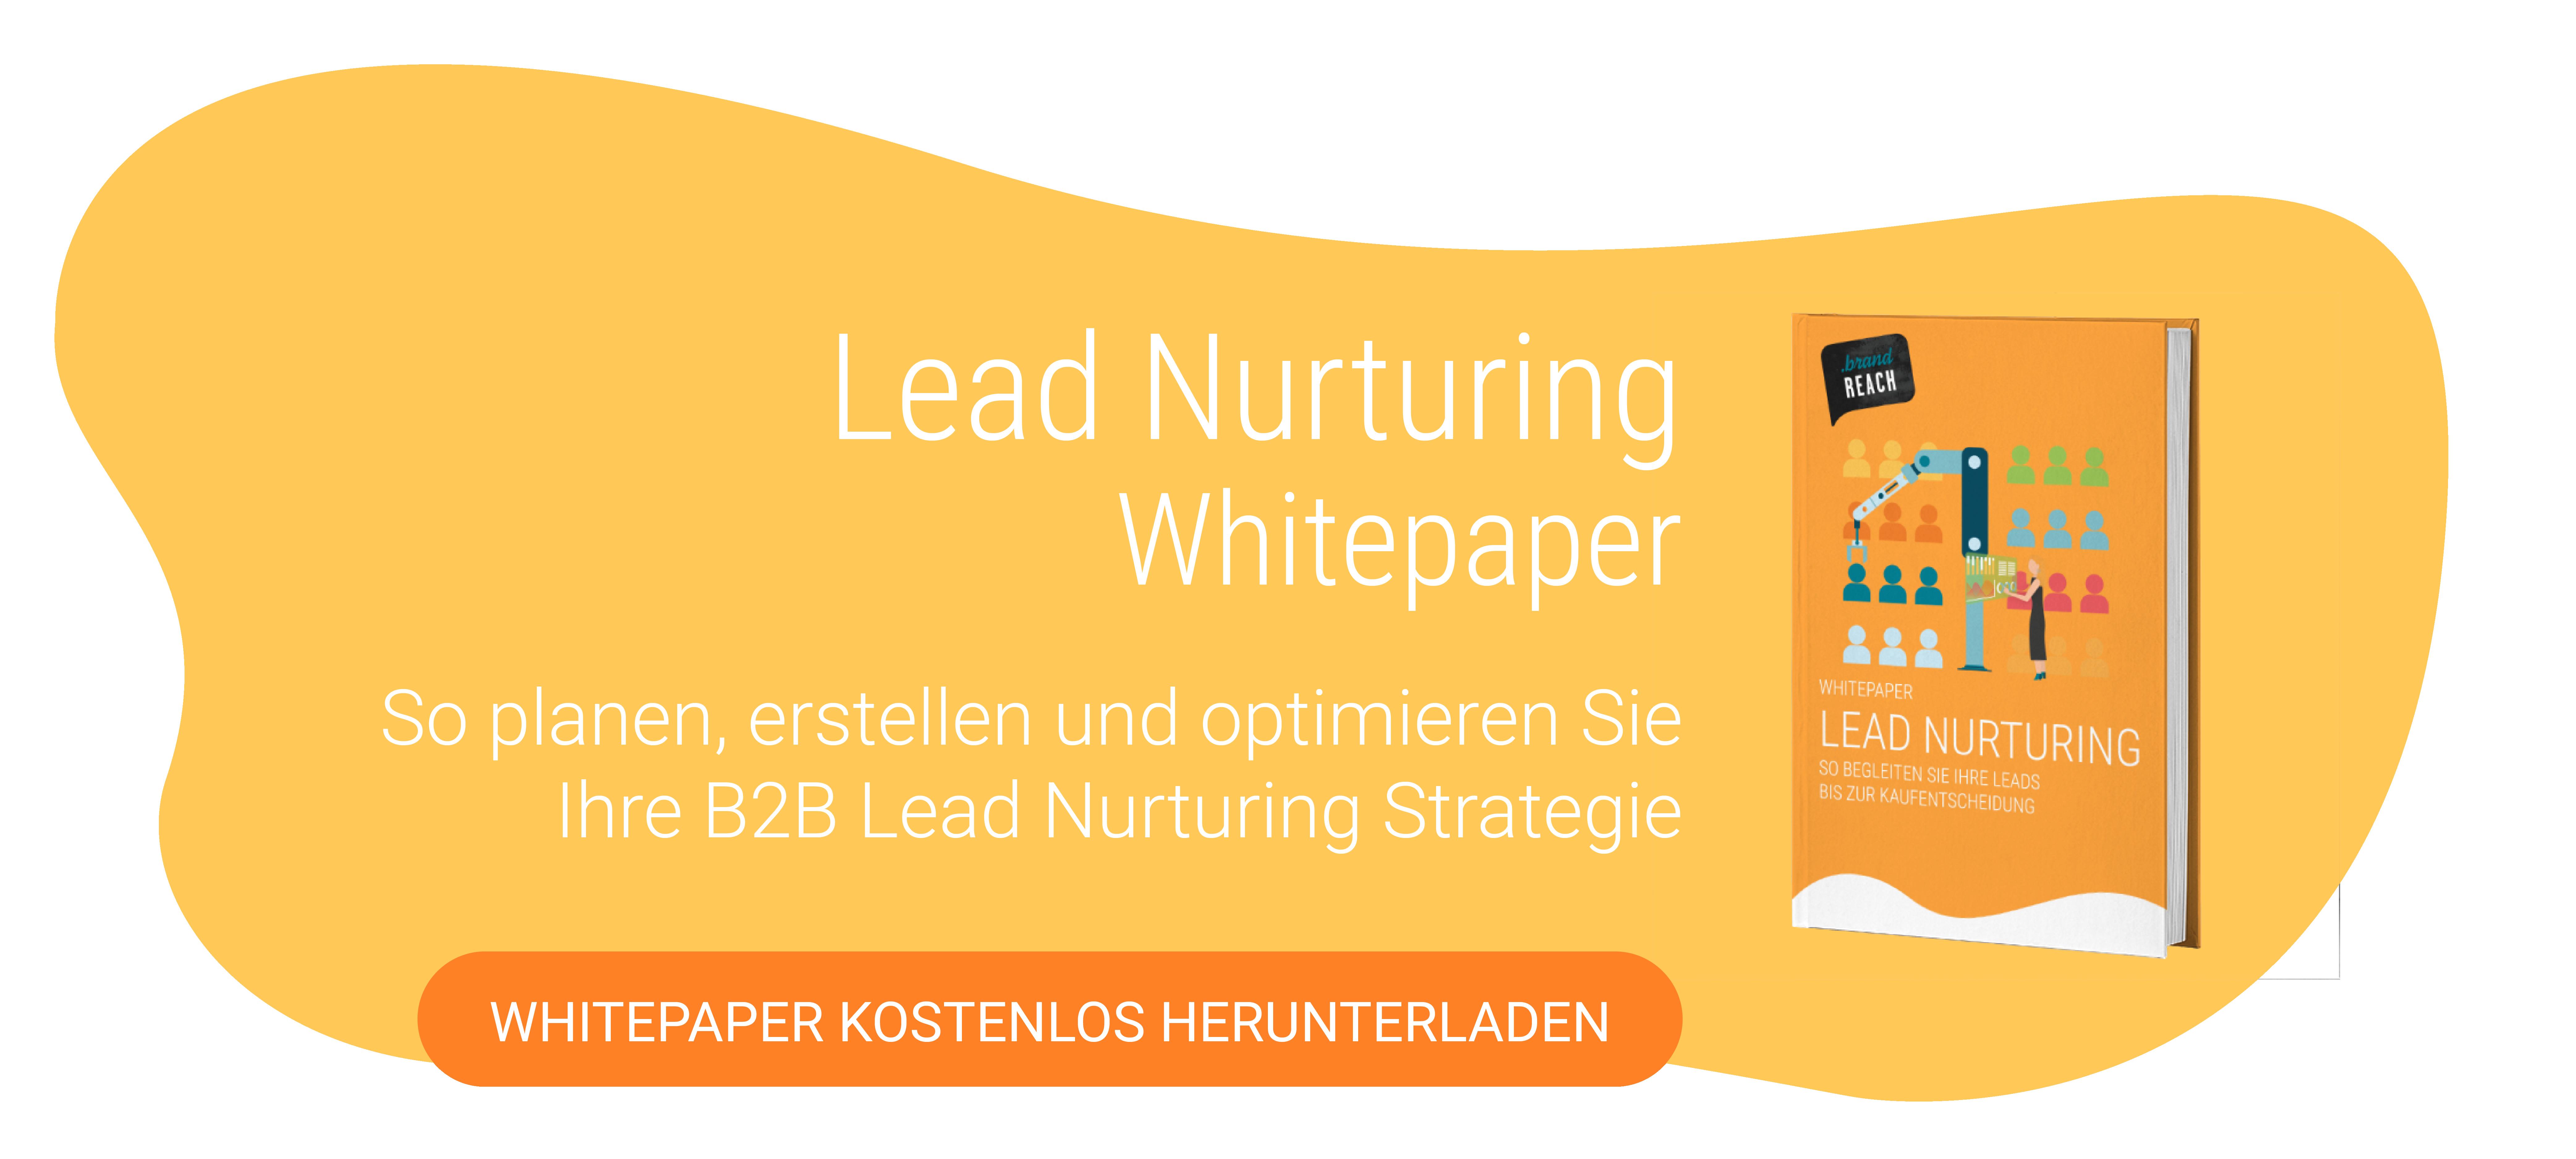 Lead Nurturing eBook herunterladen